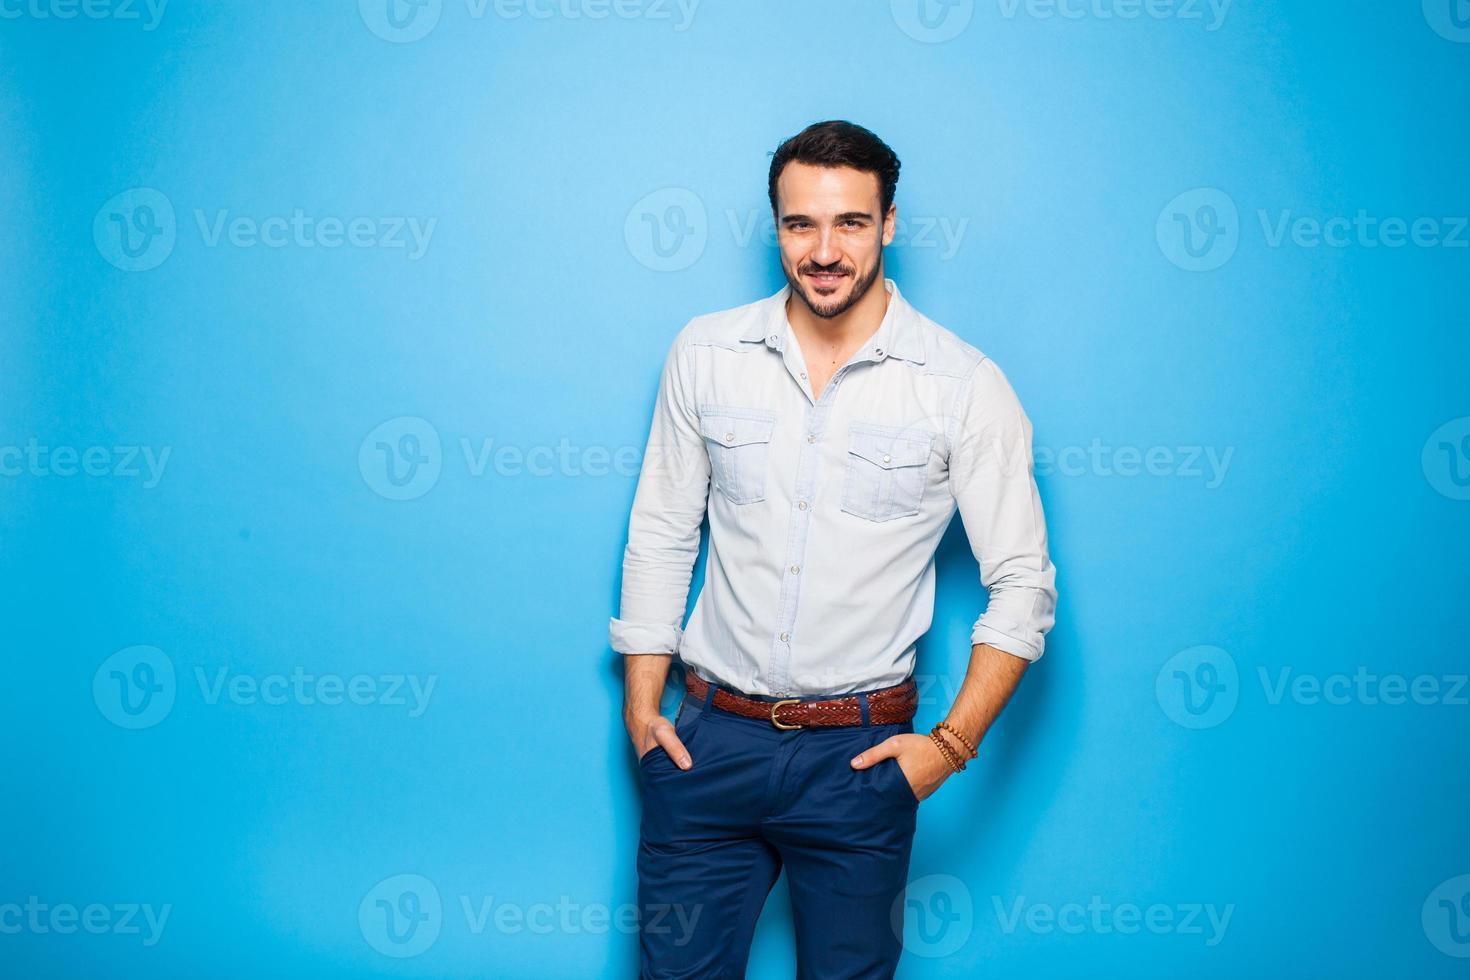 bell'uomo adulto e maschile su sfondo blu foto